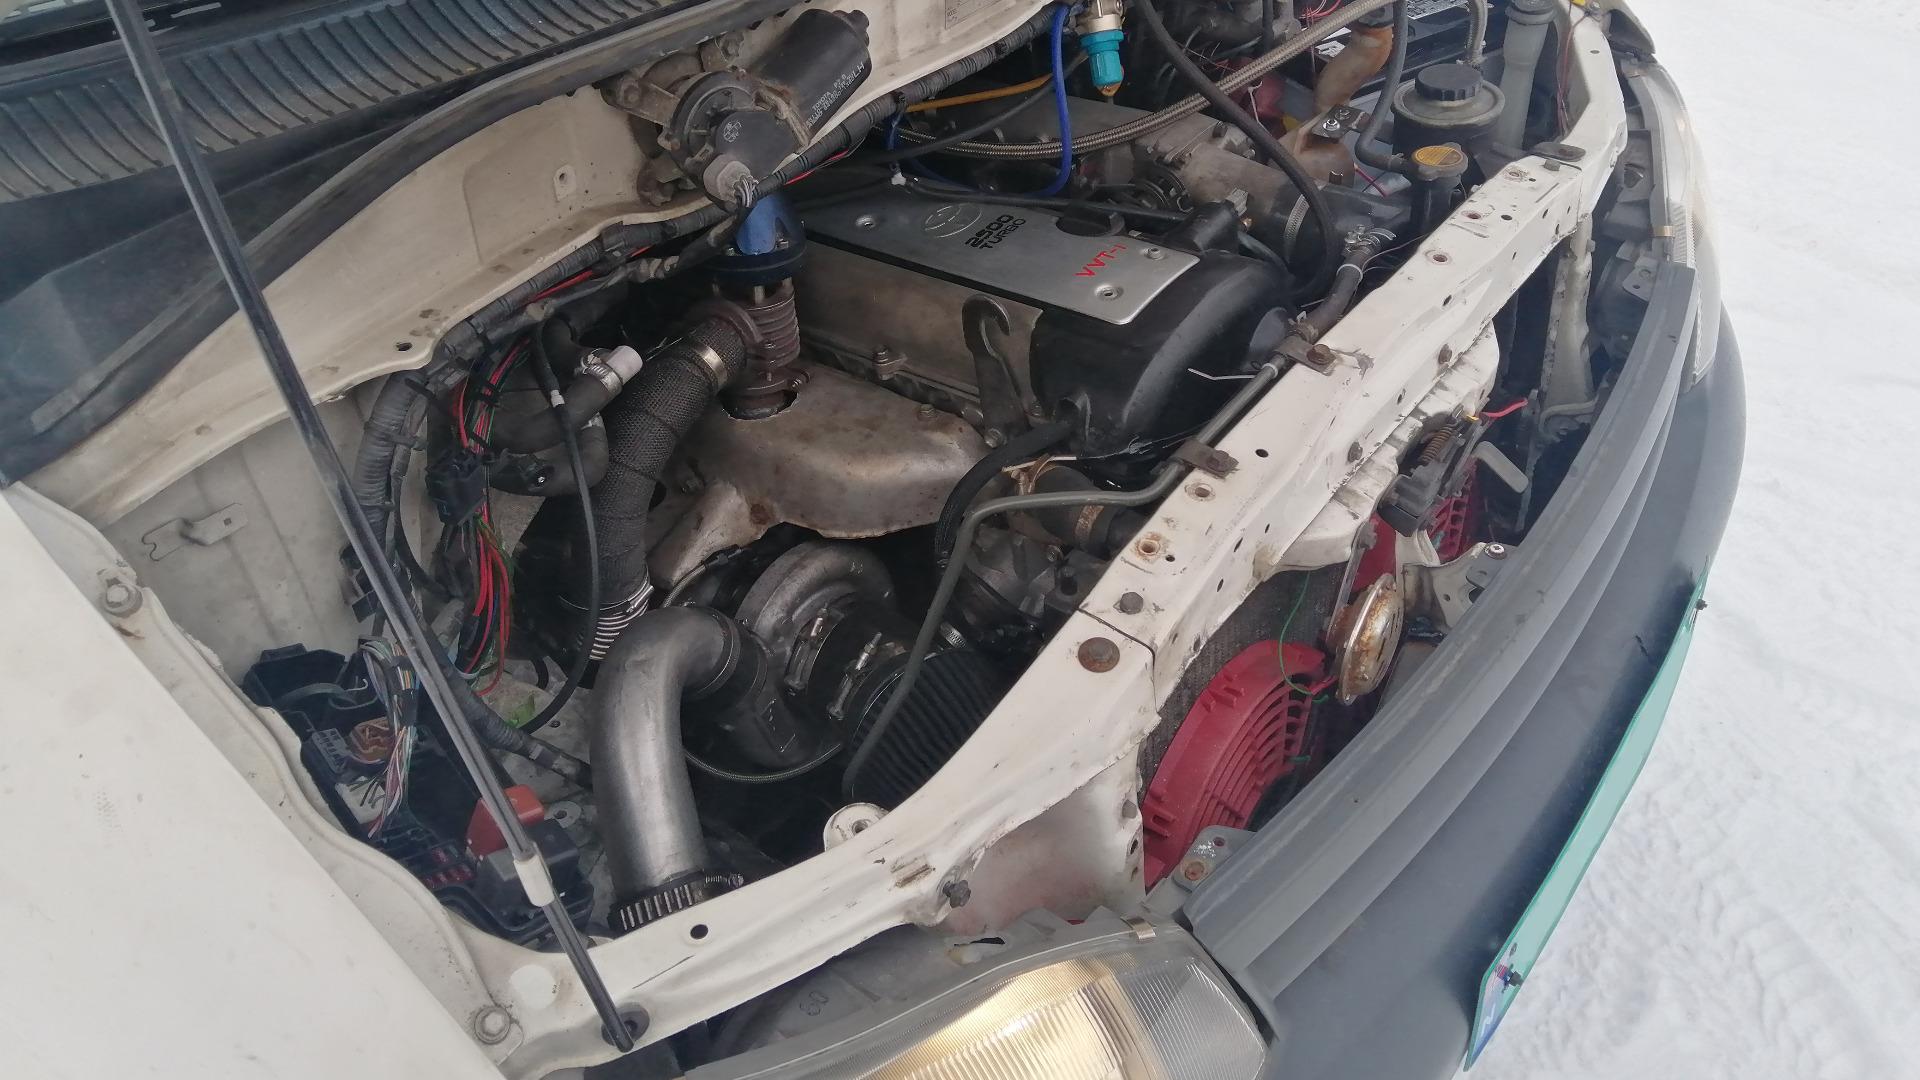 Denne motoren er godt kjent innen motorsportmiljøet, men den er et sjeldent syn i varebiler